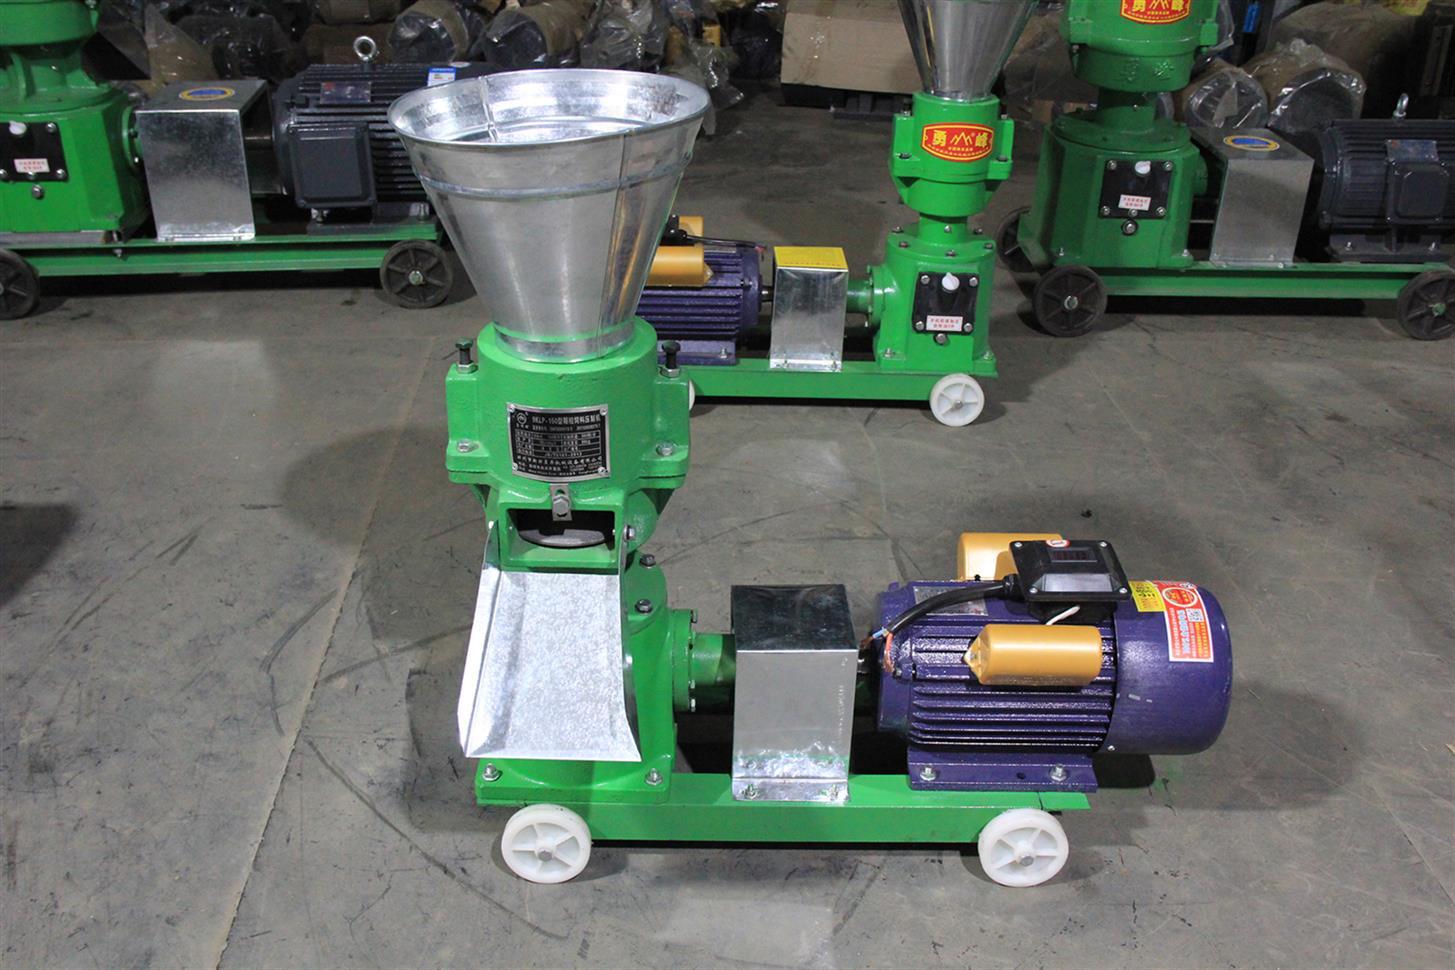 专业颗粒机厂家 全国包邮 牛羊鸡鸭鹅猪饲料颗粒机 畜牧机械设备